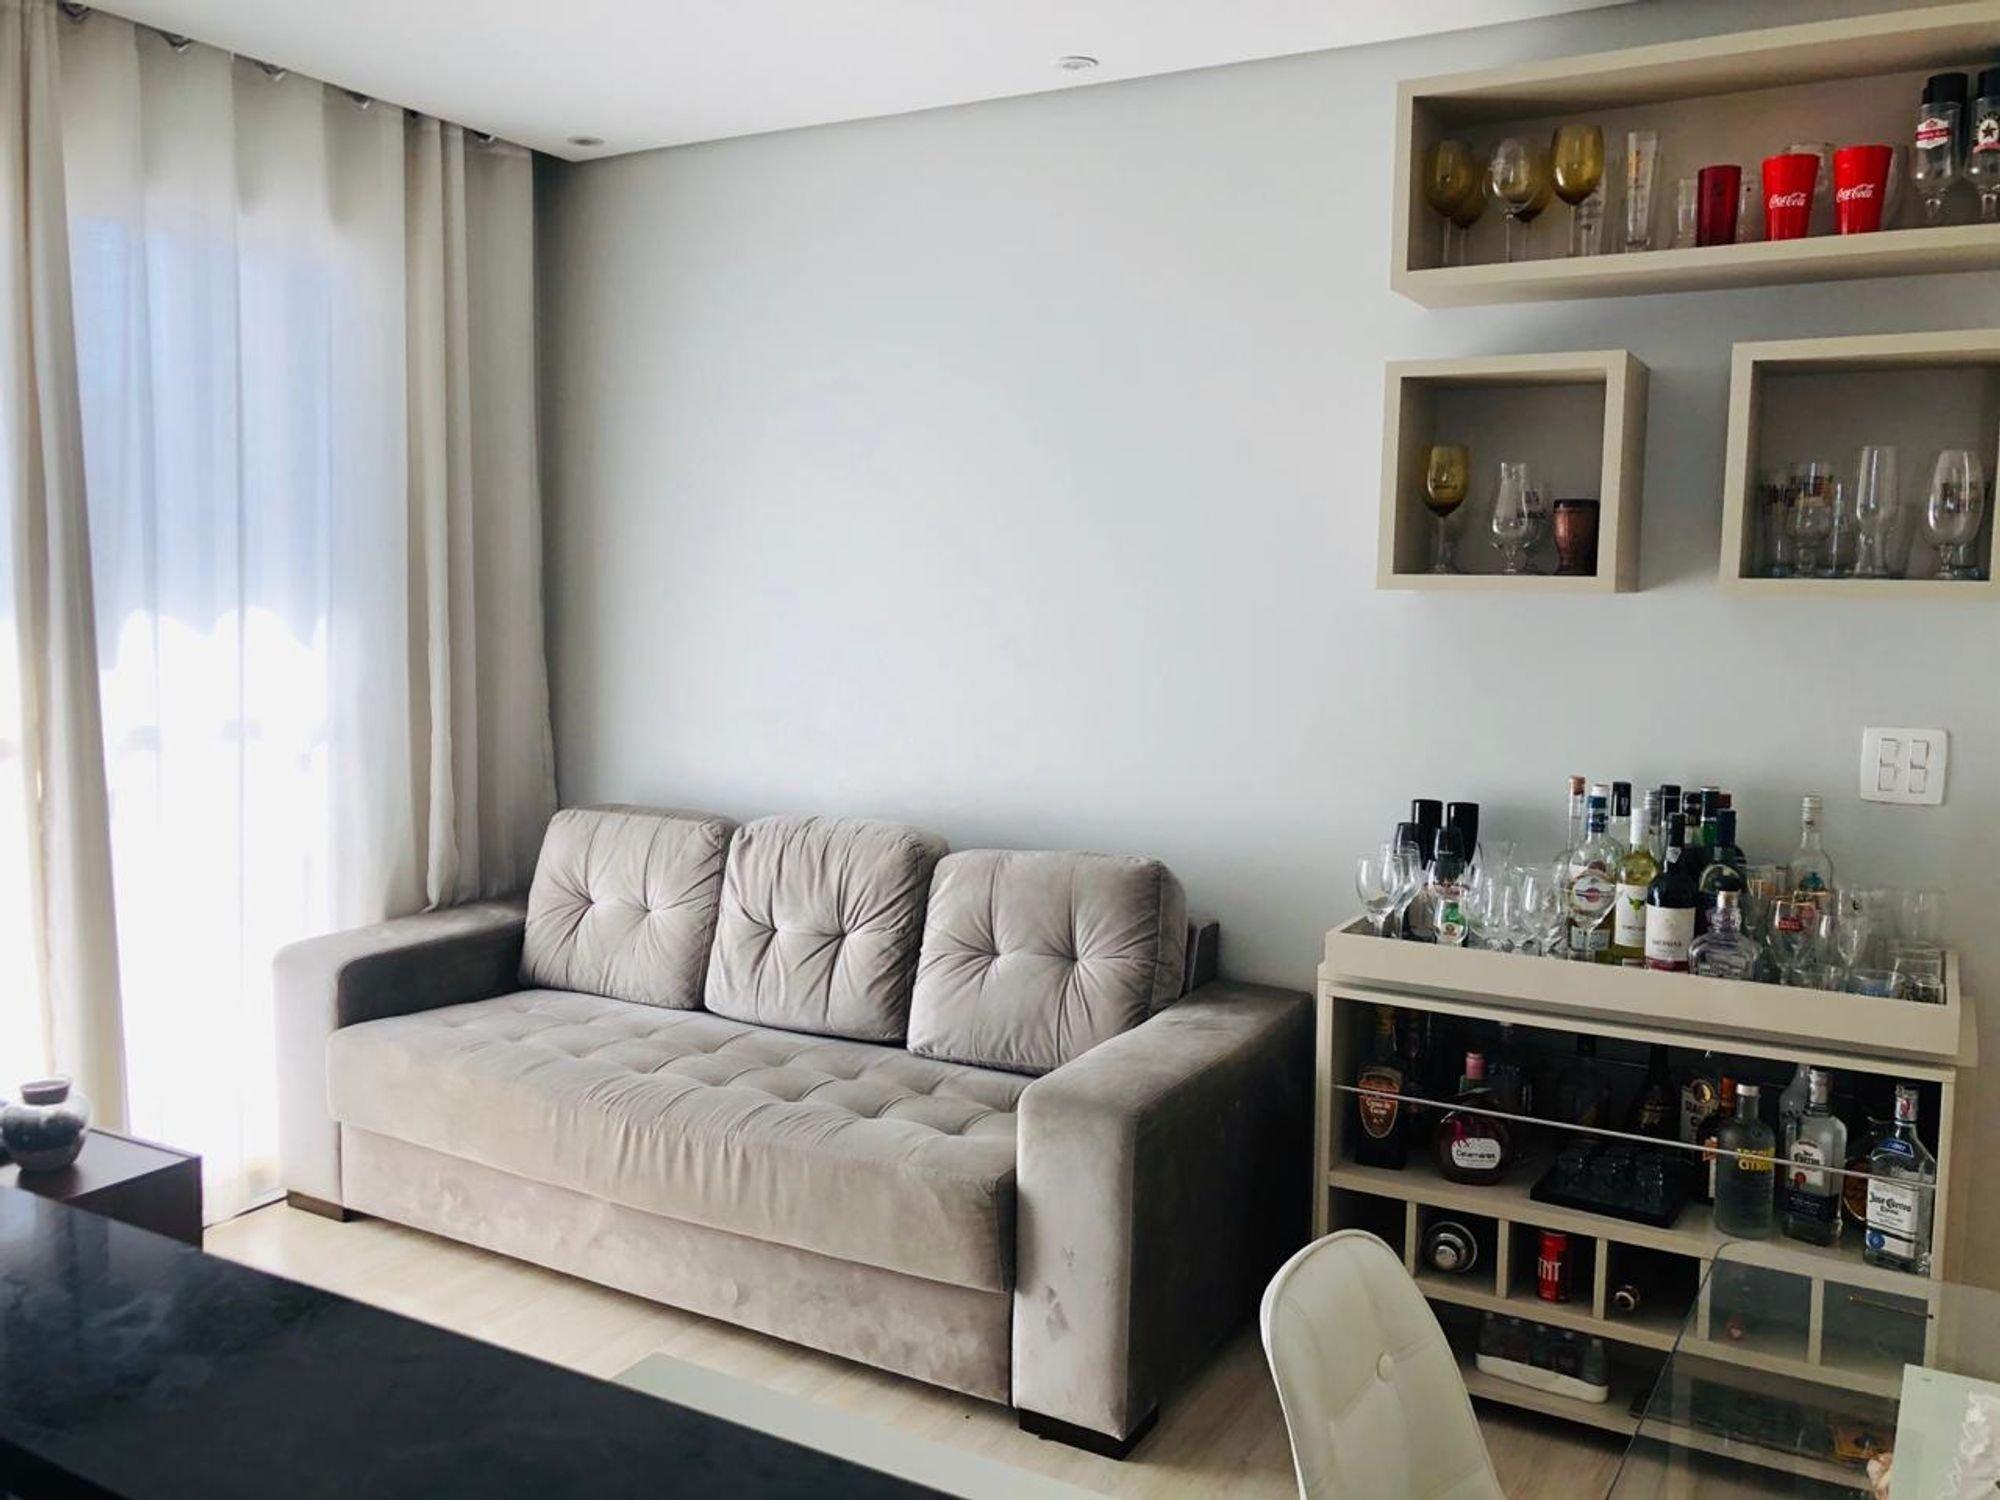 Foto de Sala com copo de vinho, sofá, garrafa, cadeira, xícara